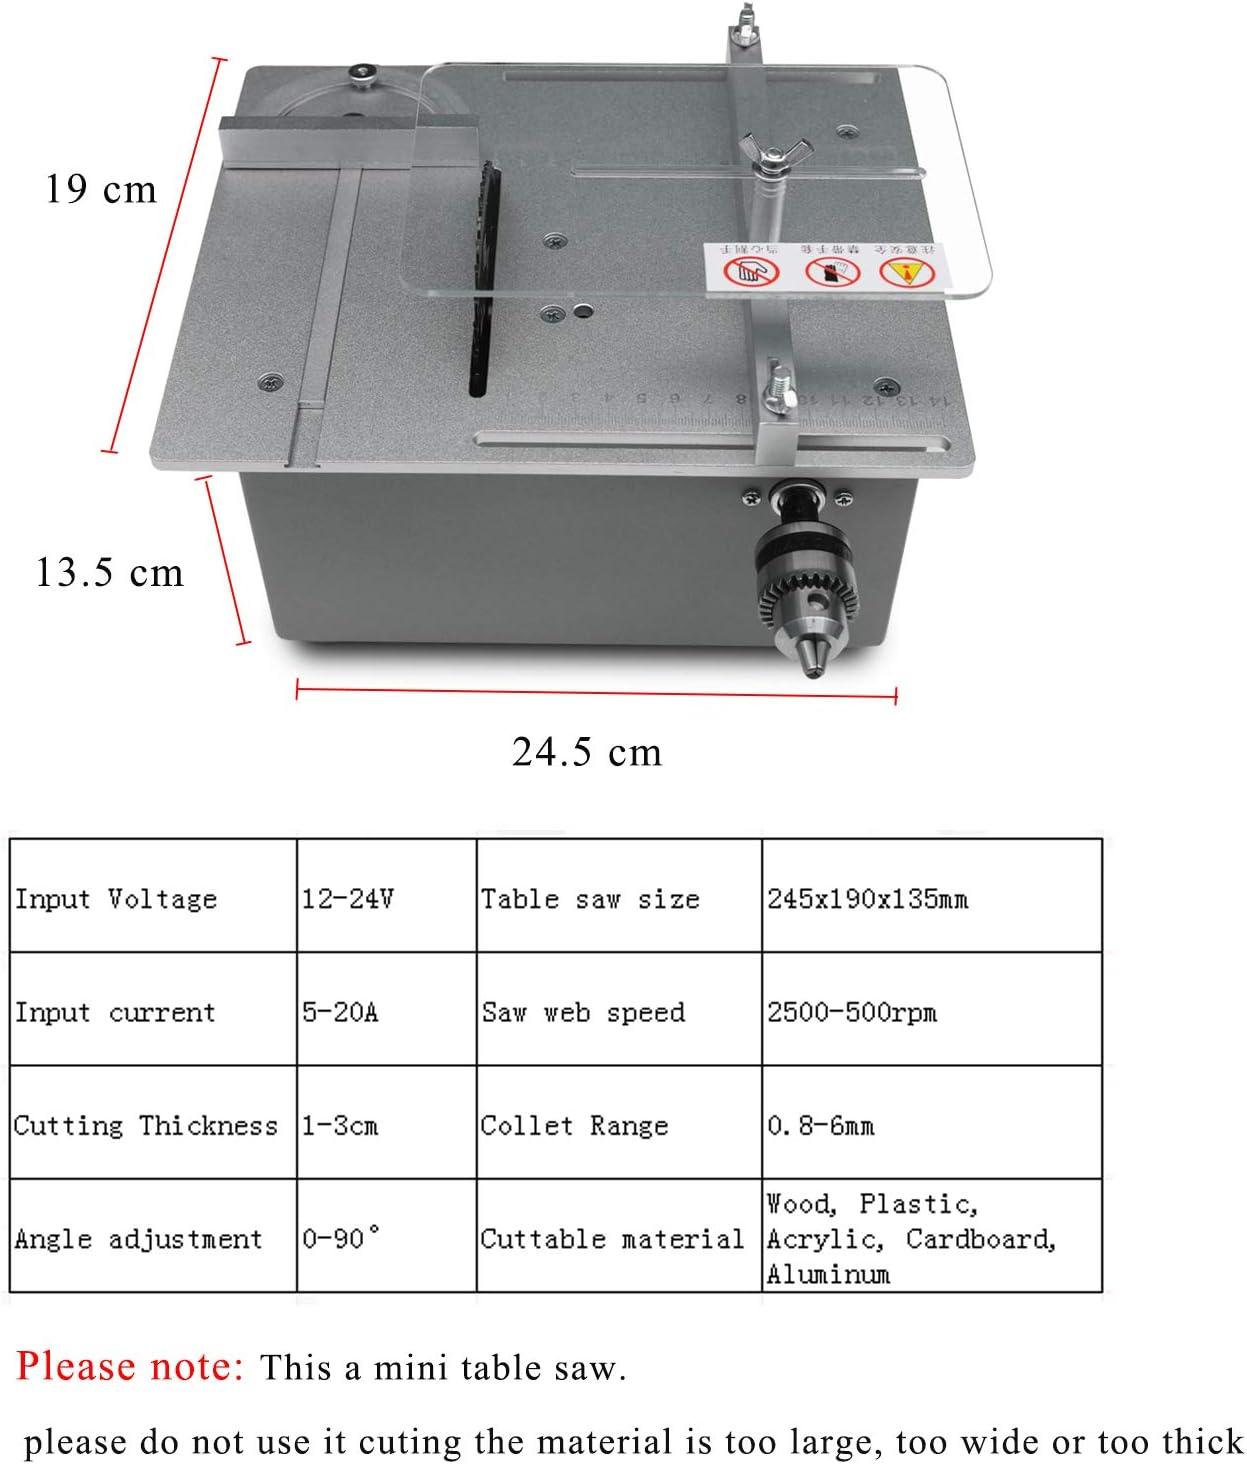 kann L/ängs- und Winkelschnitte mit Winkelf/ührung ausf/ühren DIY-Modellschneidemaschine Tischkreiss/äge einstellbare Mini-Tischkreiss/äge mit 895 Spindelmotor DC12V-24V Hubs/äge 7-stufige Silber